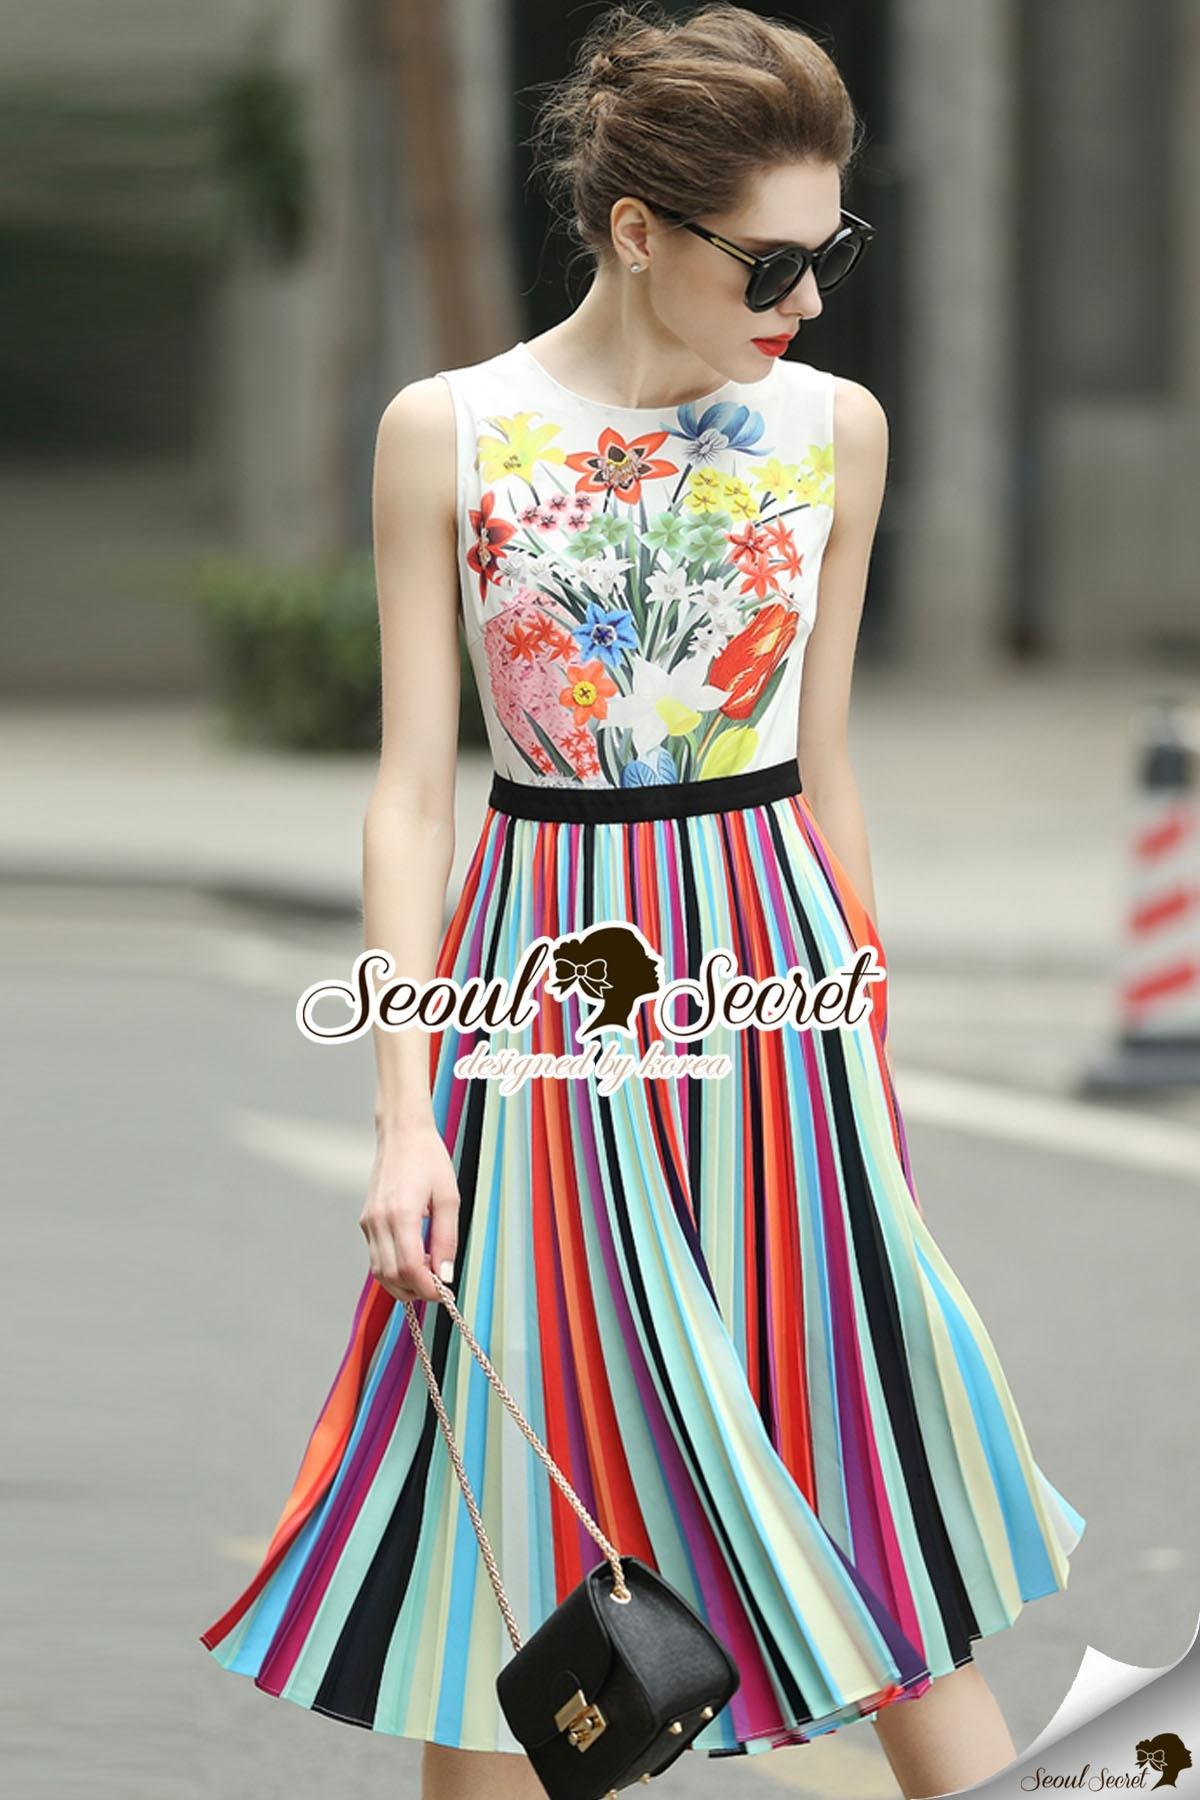 Seoul Secret Say's... Lollita Pleatly Color Flora Print Dress